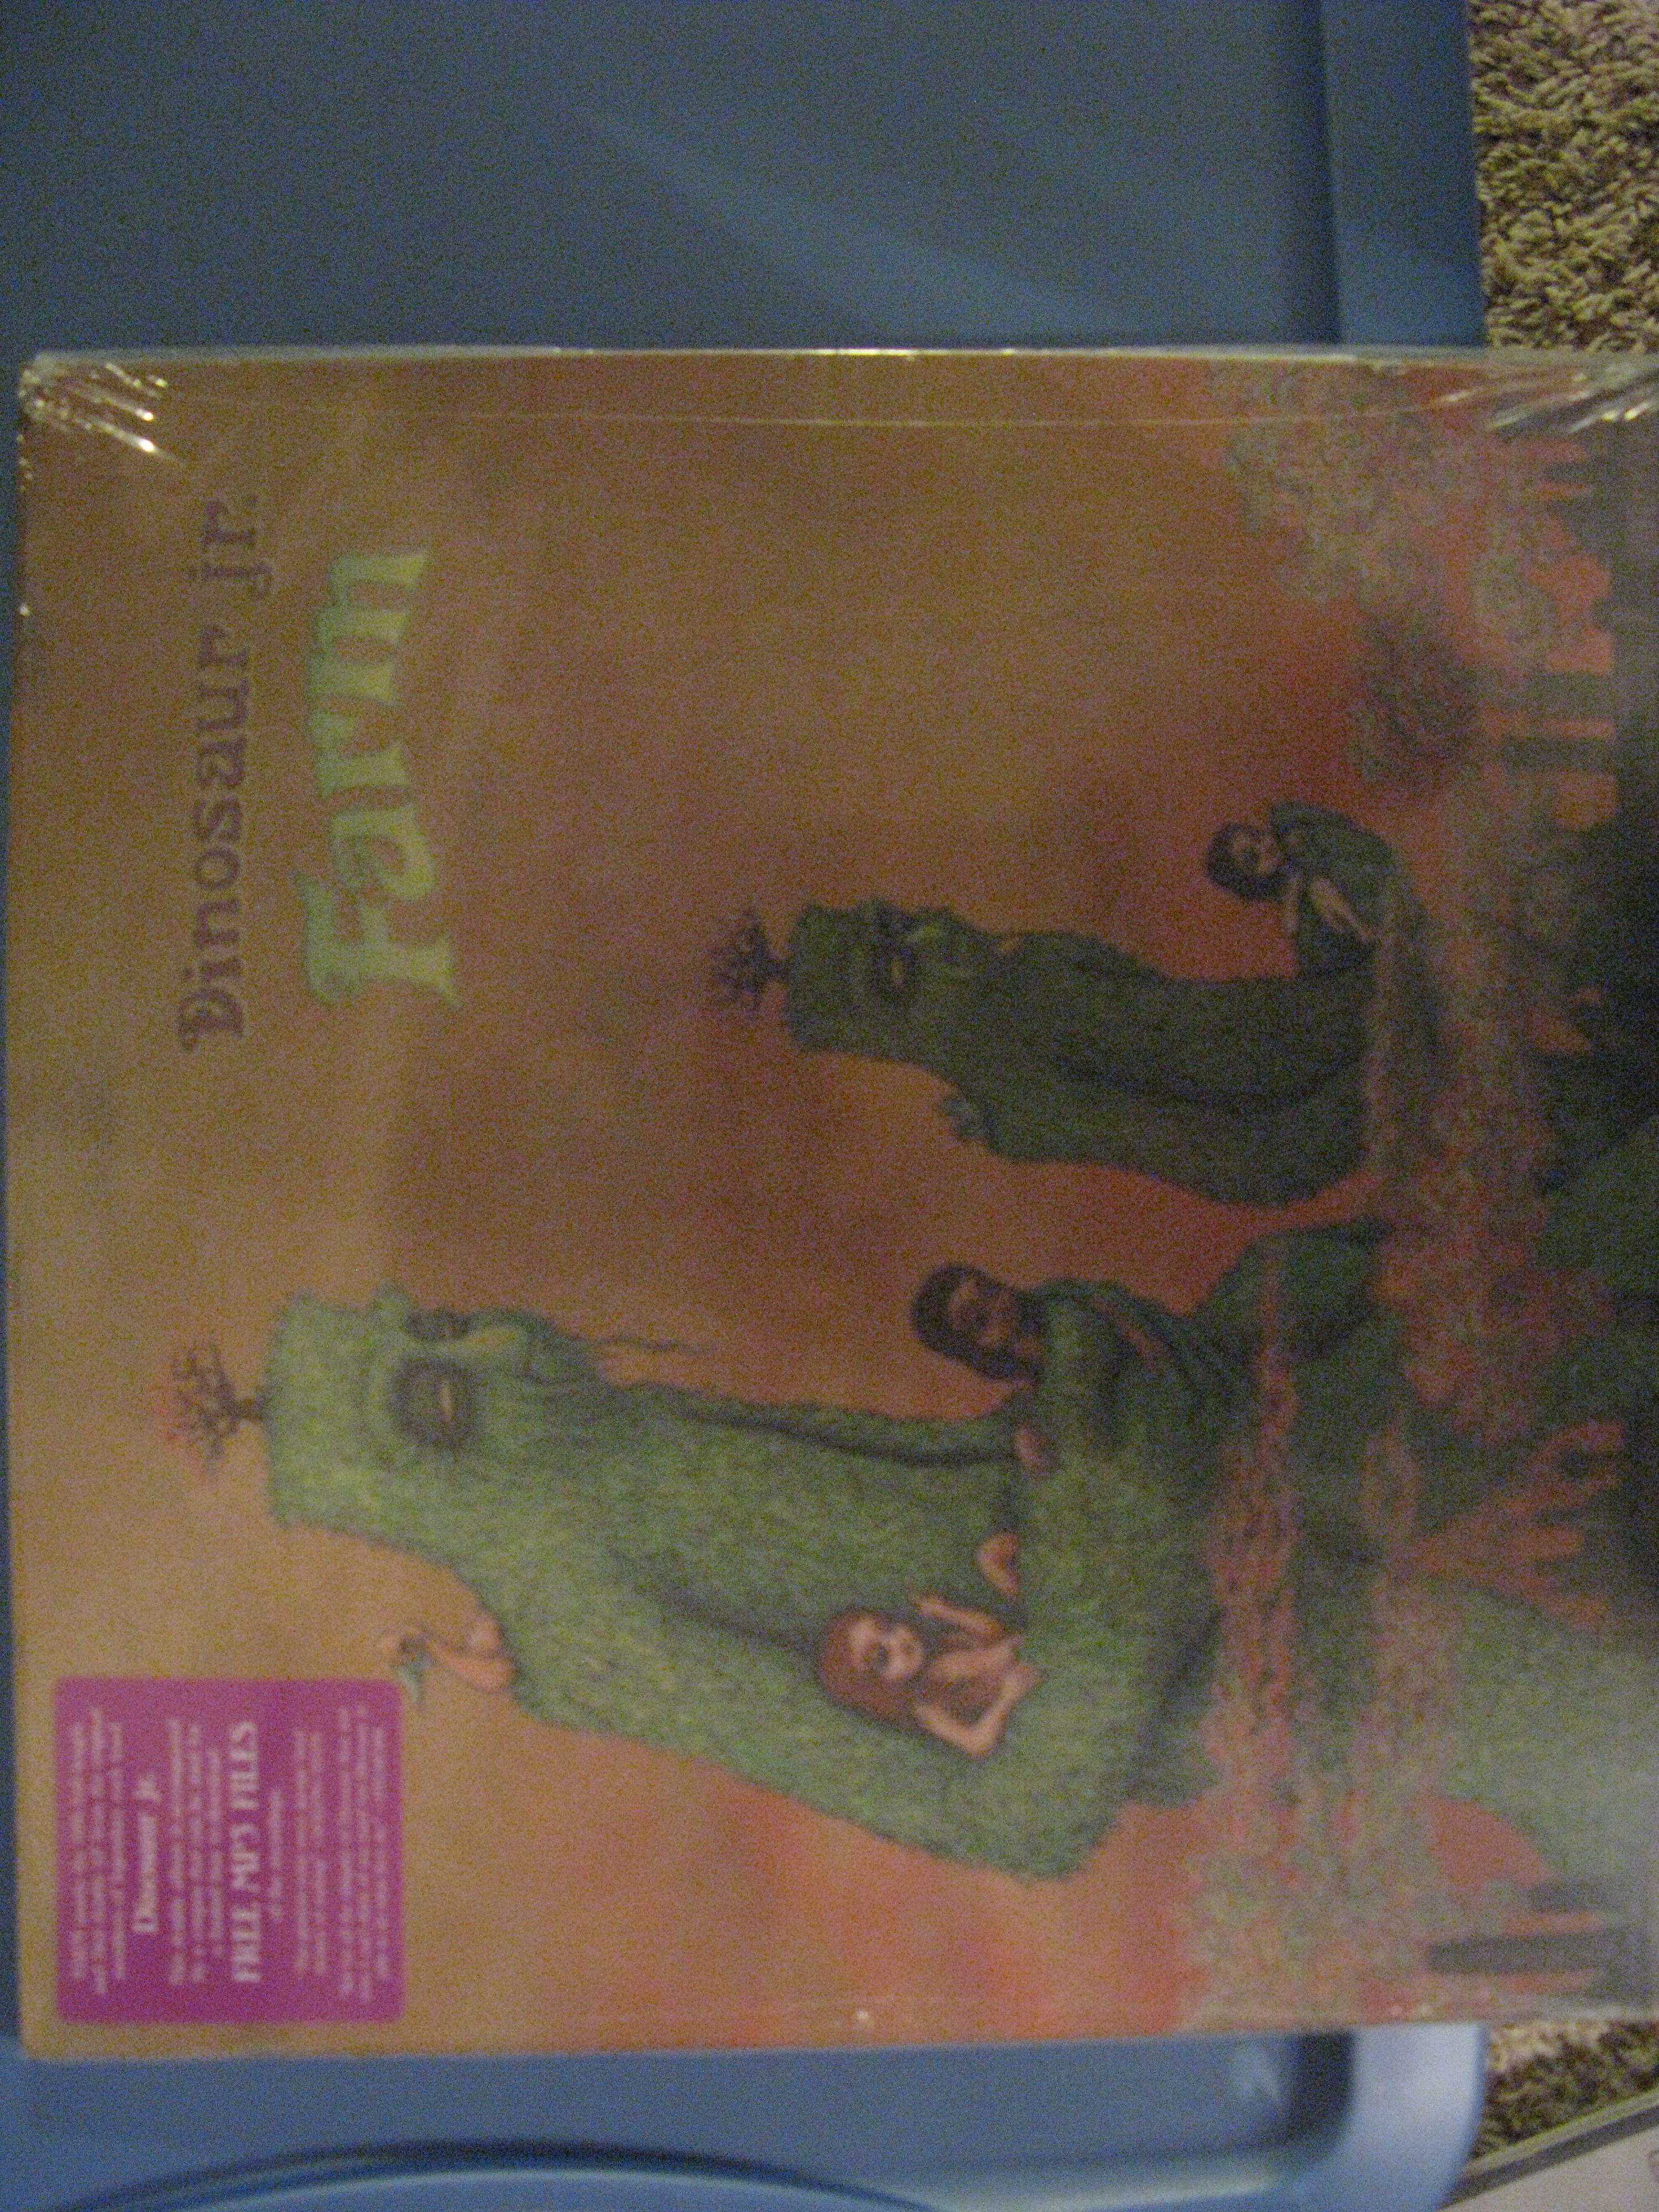 Dinosaur Jr Farm Dinosaur Jr Vinyl Record Collection Vinyl Records